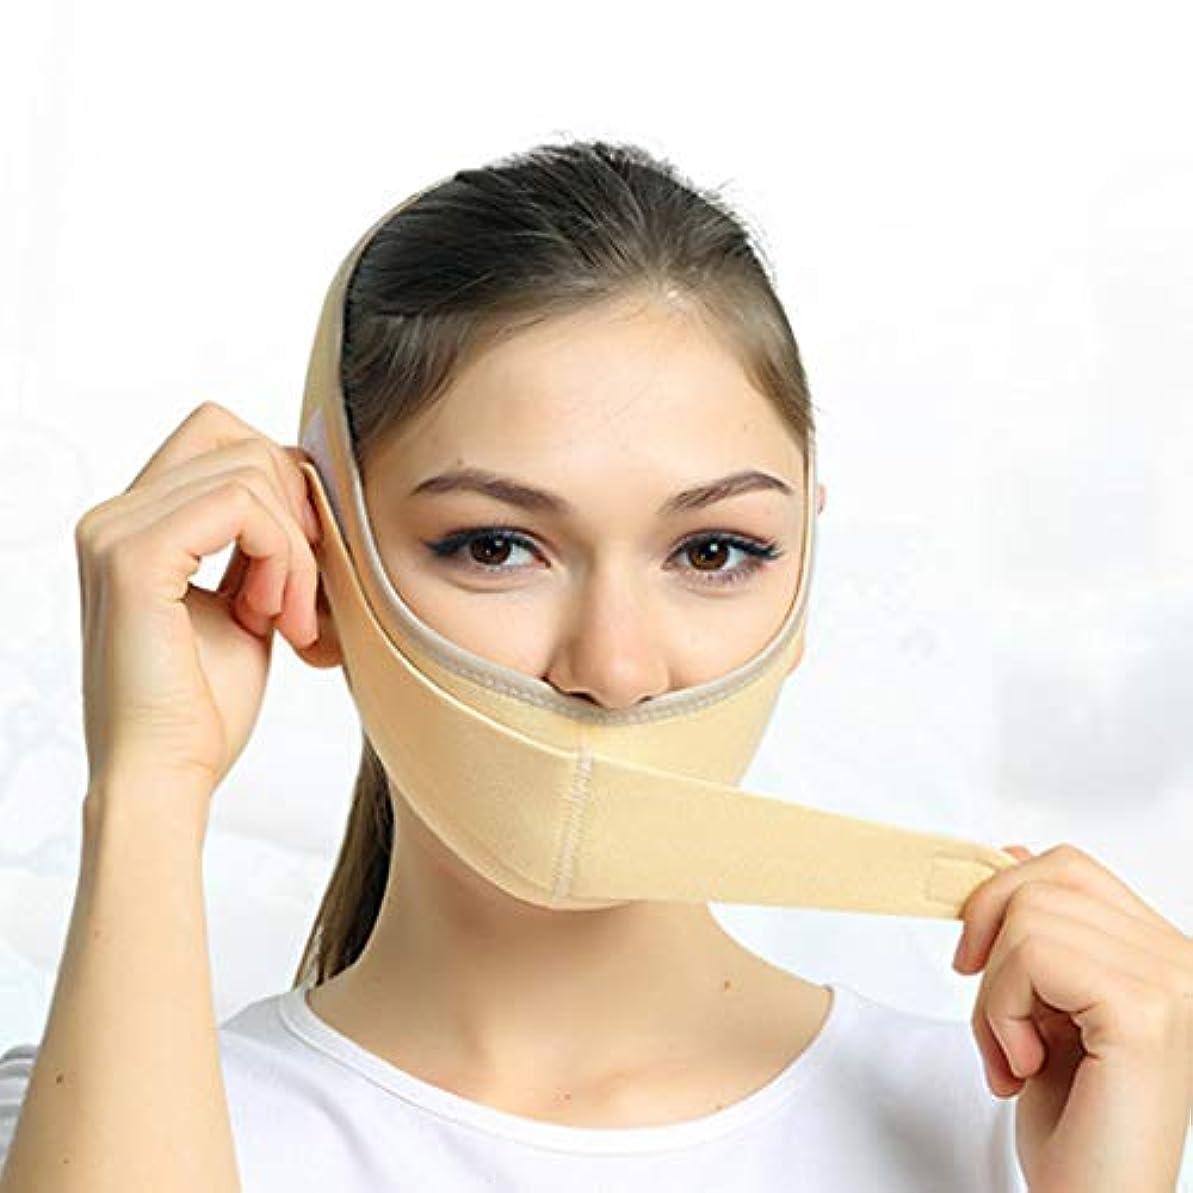 確執円形コンパス顔の減量術後の回復包帯小さな v 顔睡眠マスク露出あごの医療顔